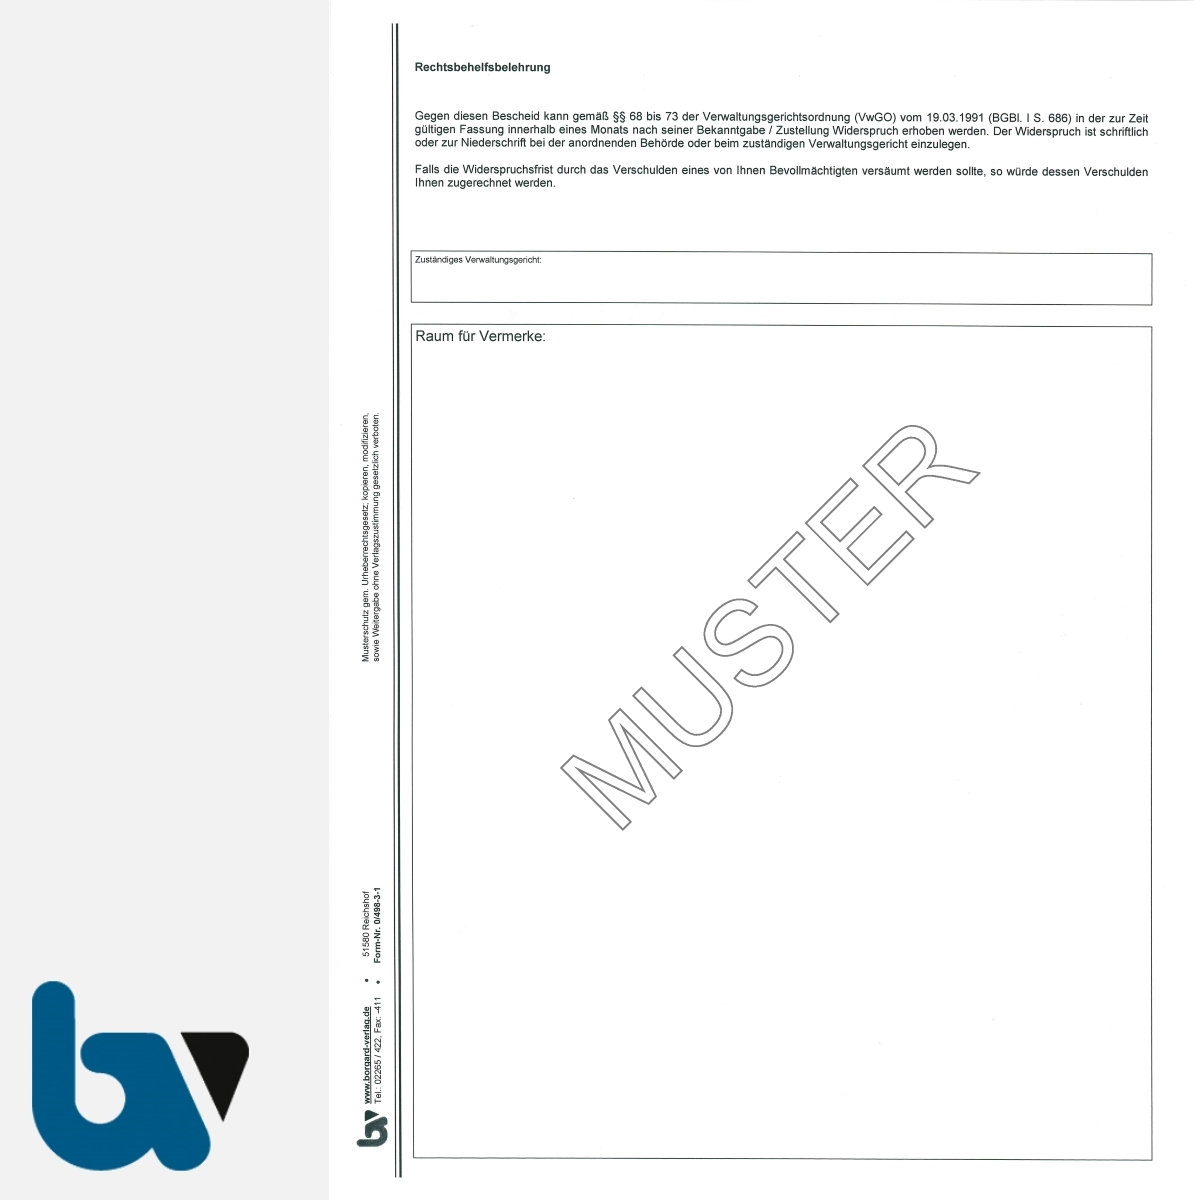 0/498-3.1 Ausnahmegenehmigung Durchführung Transporte Sonntag Feiertag Straßenverkehrsordnung StVO Strassenverkehrsgesetz StVG selbstdurchschreibend DIN A4 2-fach RS | Borgard Verlag GmbH